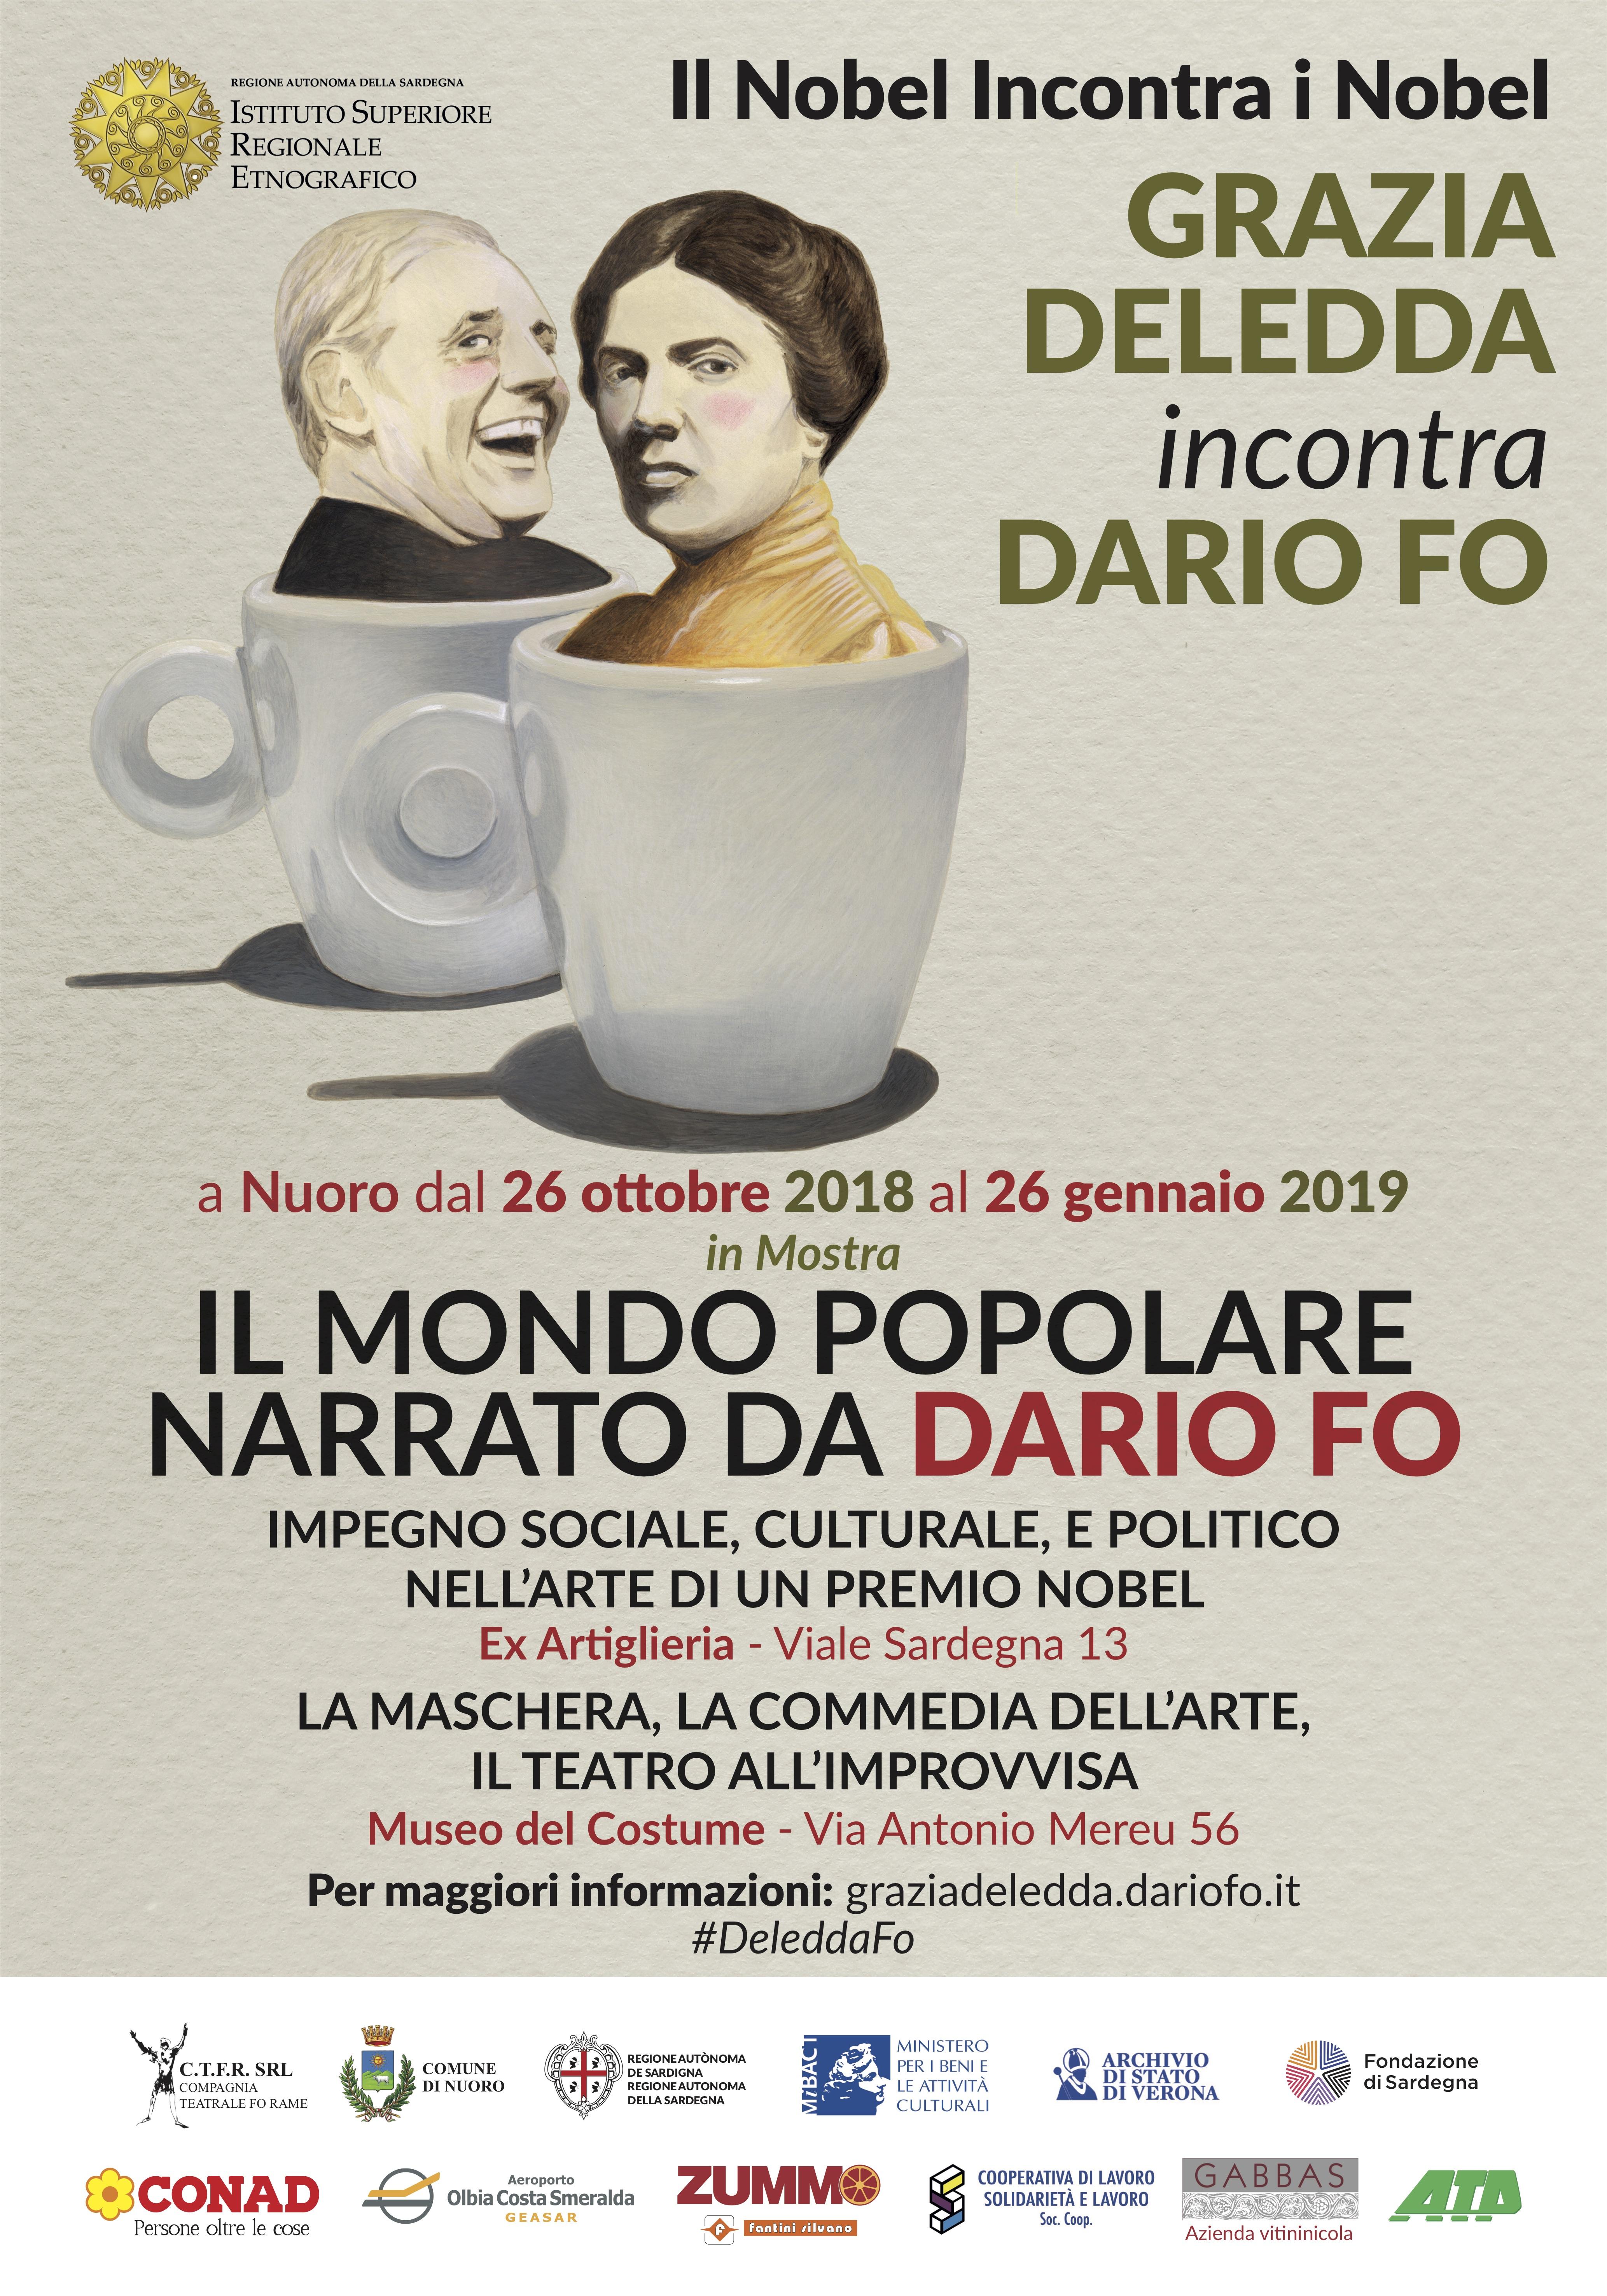 Il Nobel incontra i Nobel - Grazia Deledda incontra Dario Fo. Grande evento a Nuoro: per l'occasione due esposizioni con le opere di Dario Fo, spettacoli e convegni